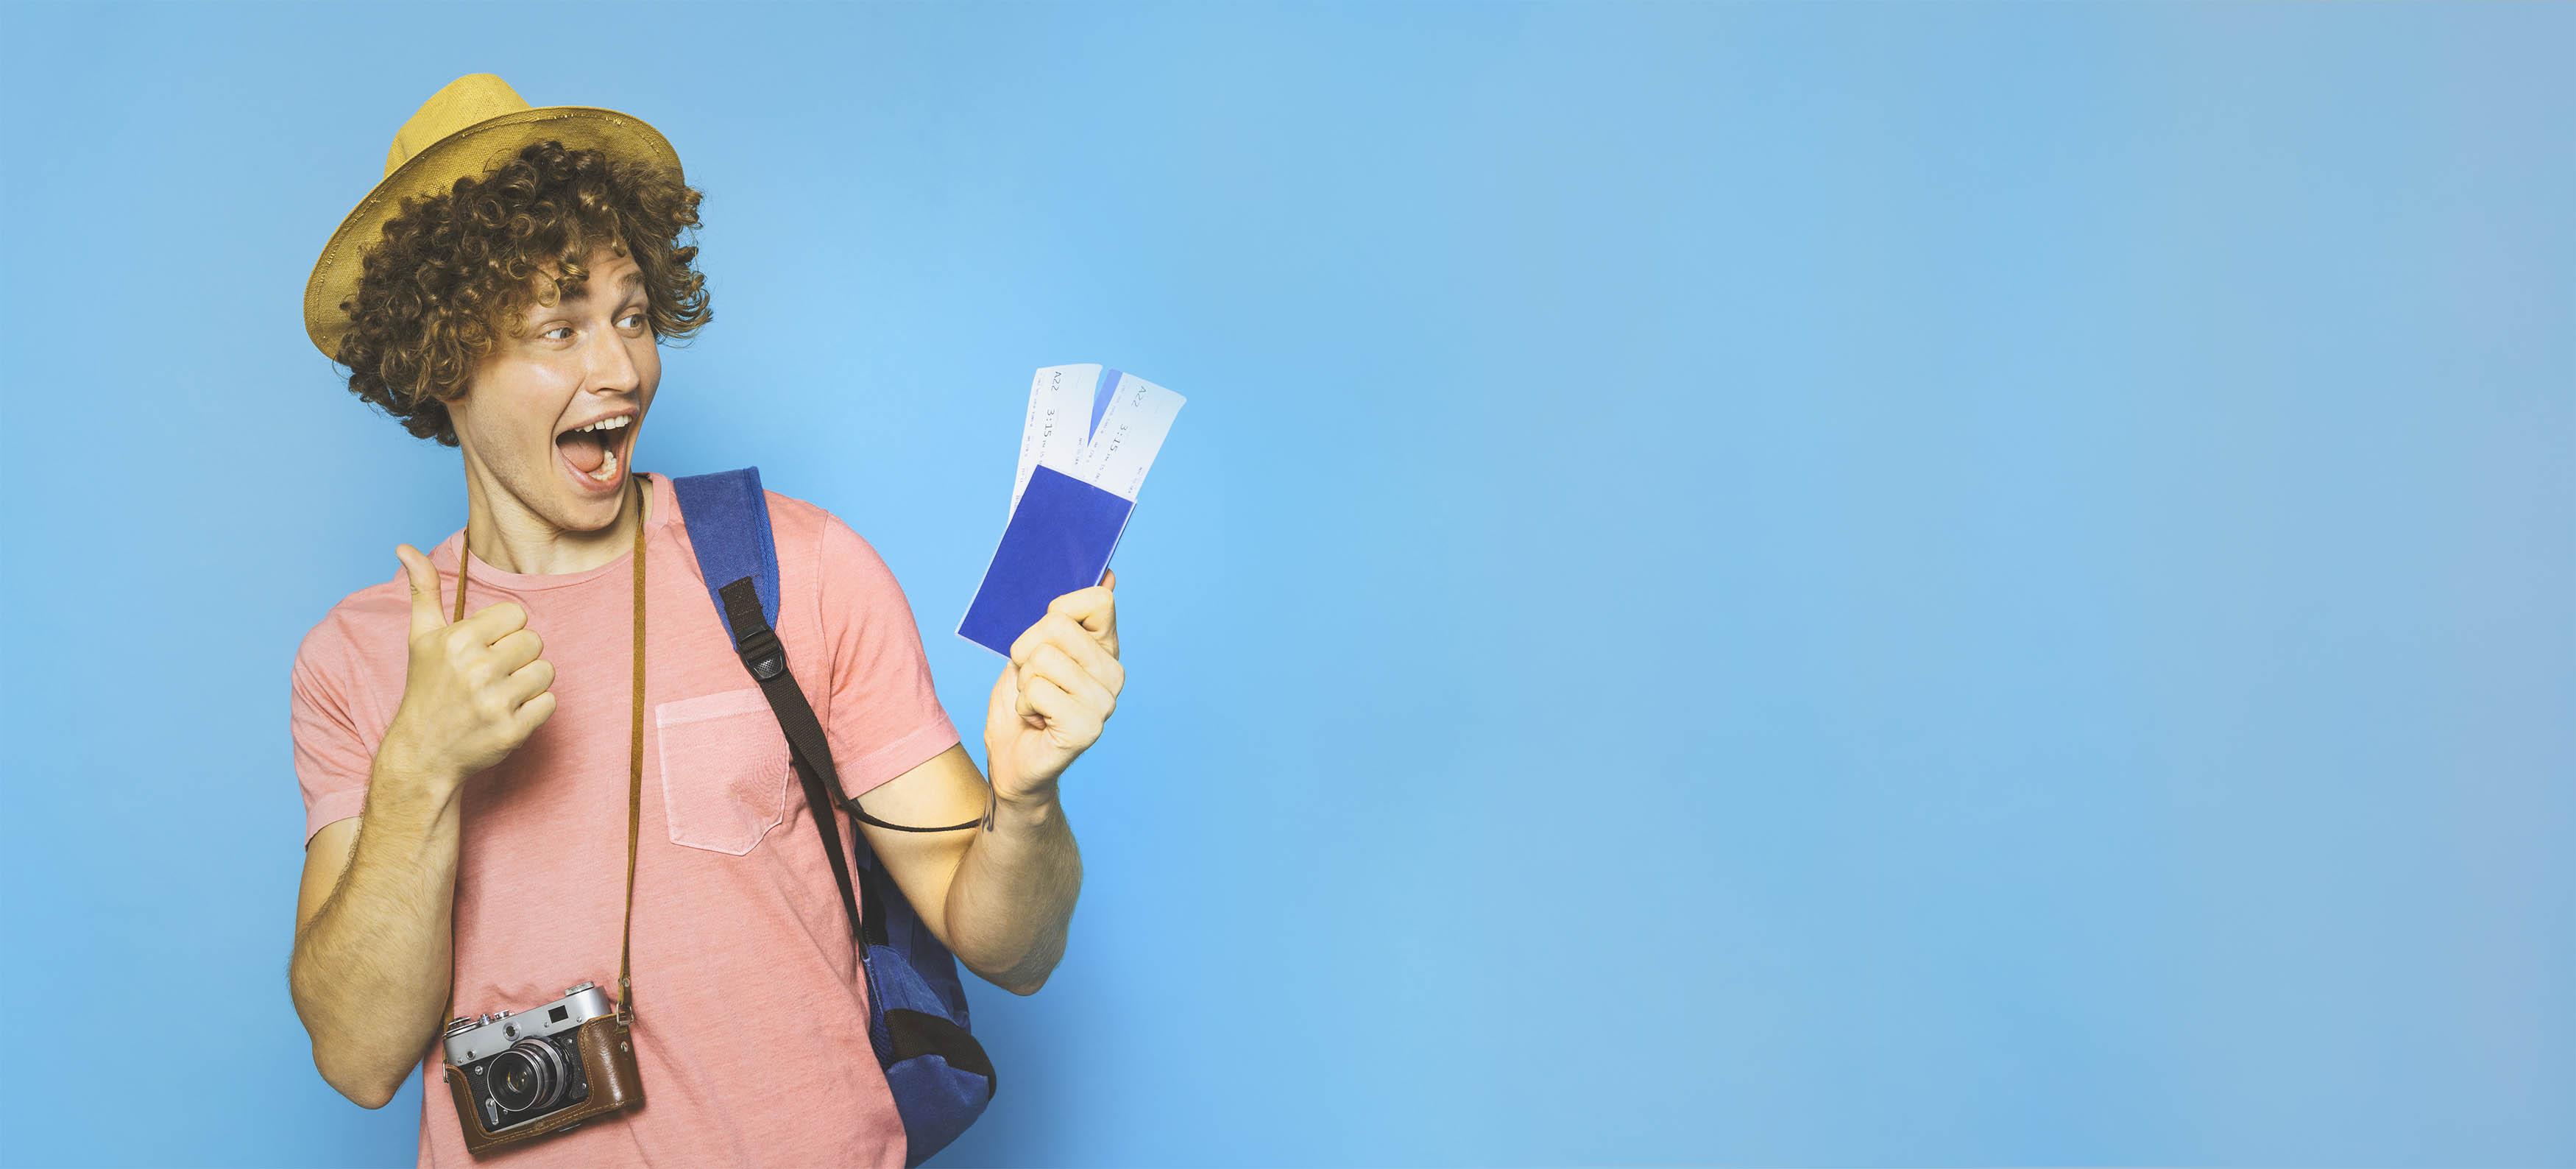 Chico rubio de pelo rizado con un sombrero y una cámara sosteniendo billetes de avión